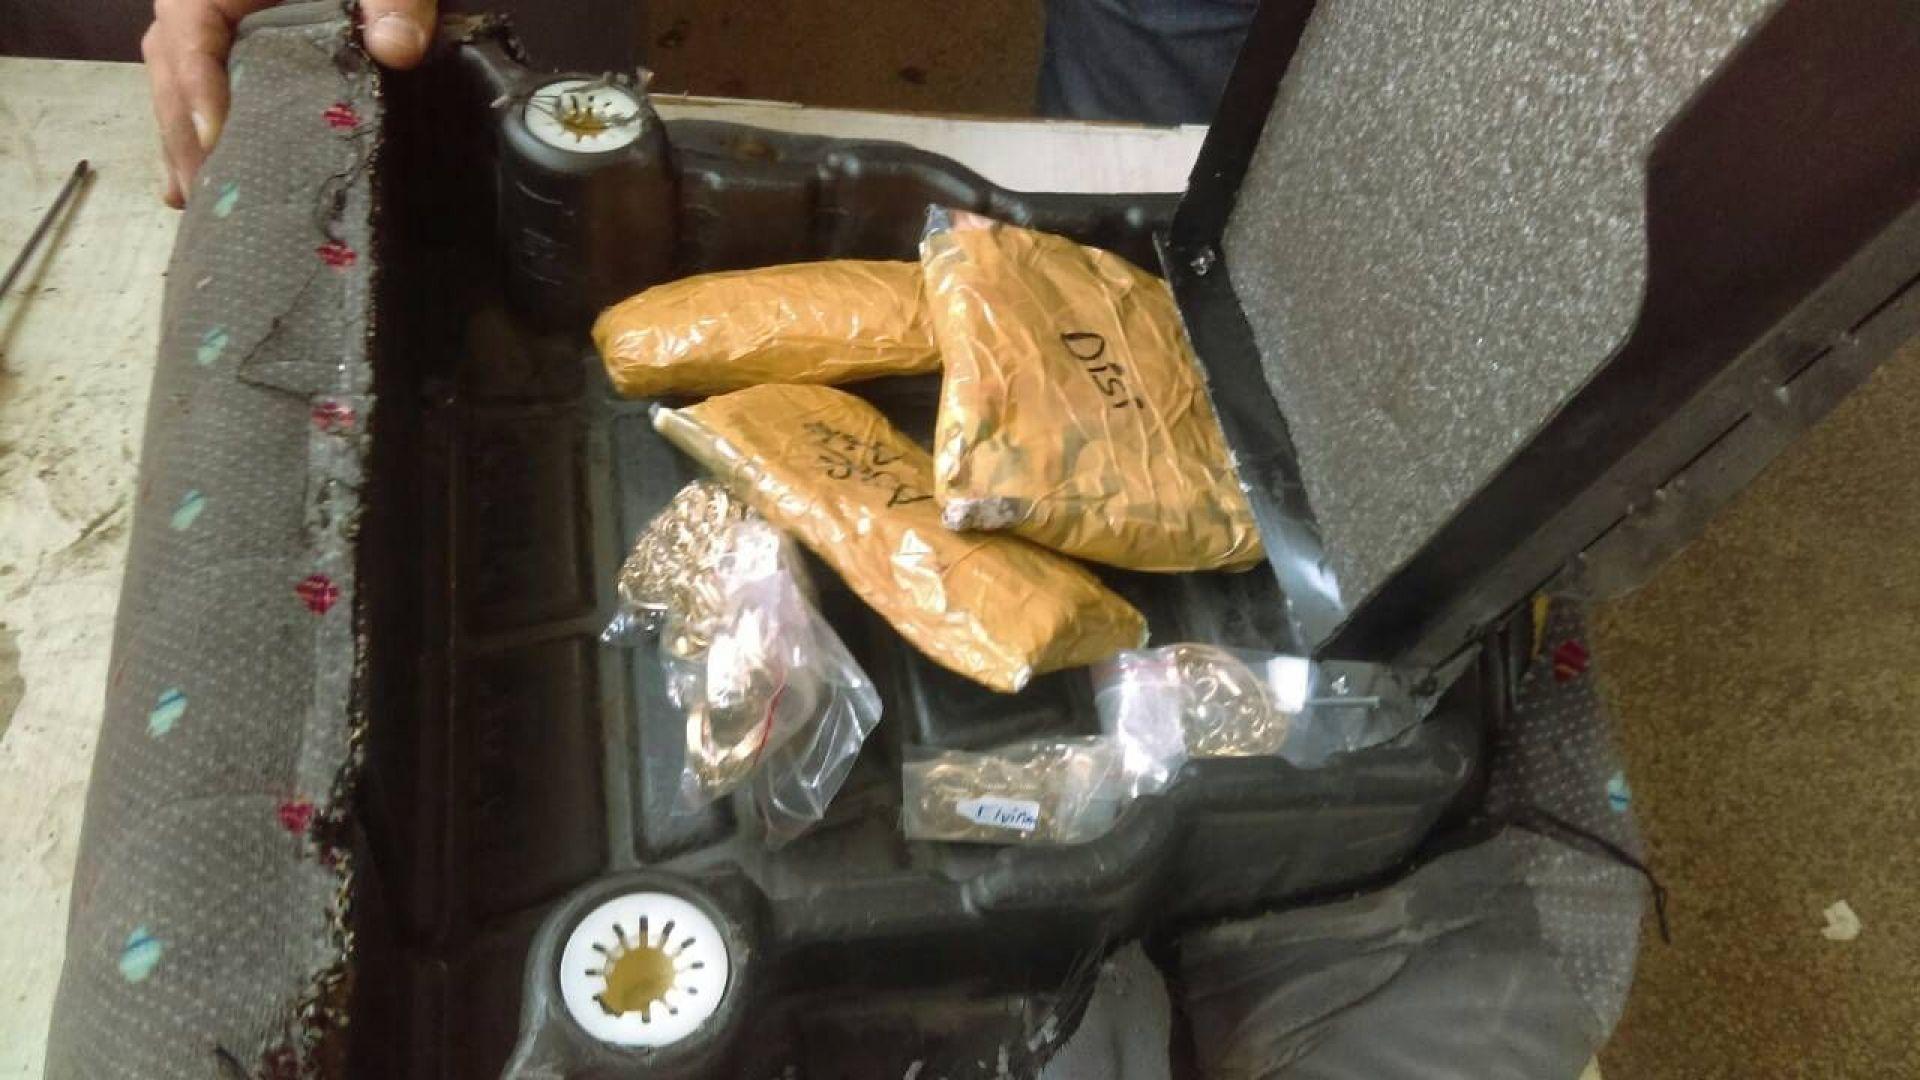 Златни изделия за над 40 000 лв. задържаха на Митница - Варна